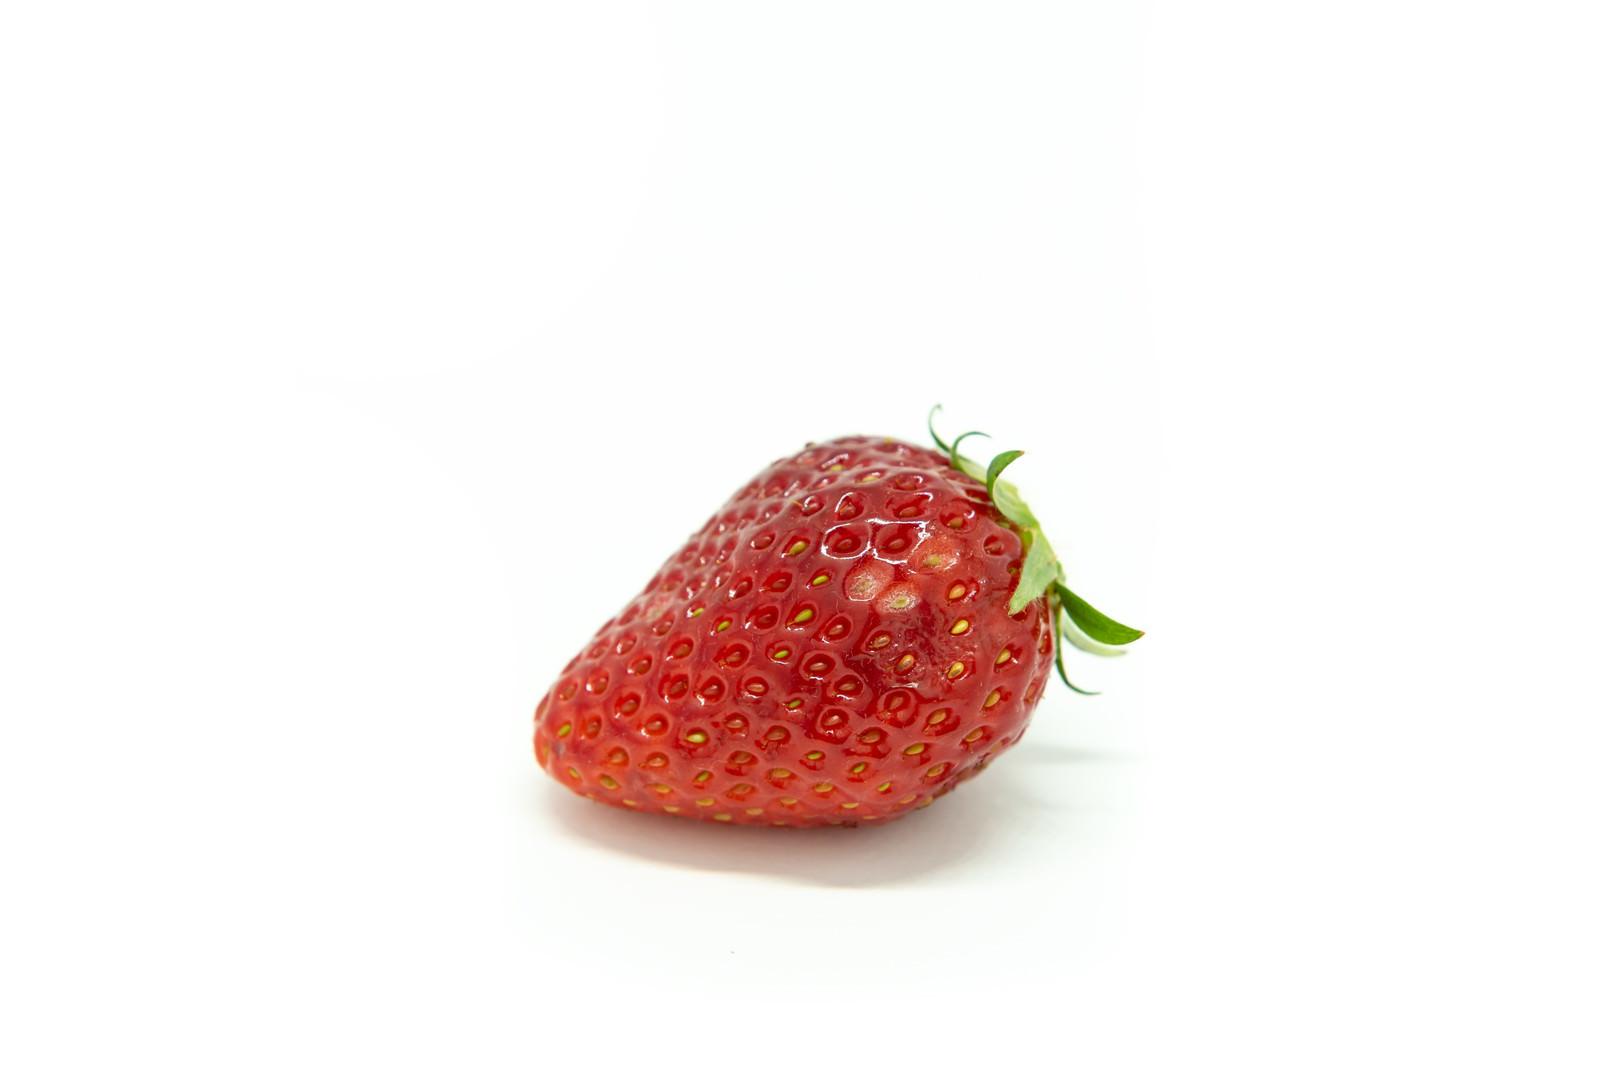 「うどんこ病が付着した苺」の写真